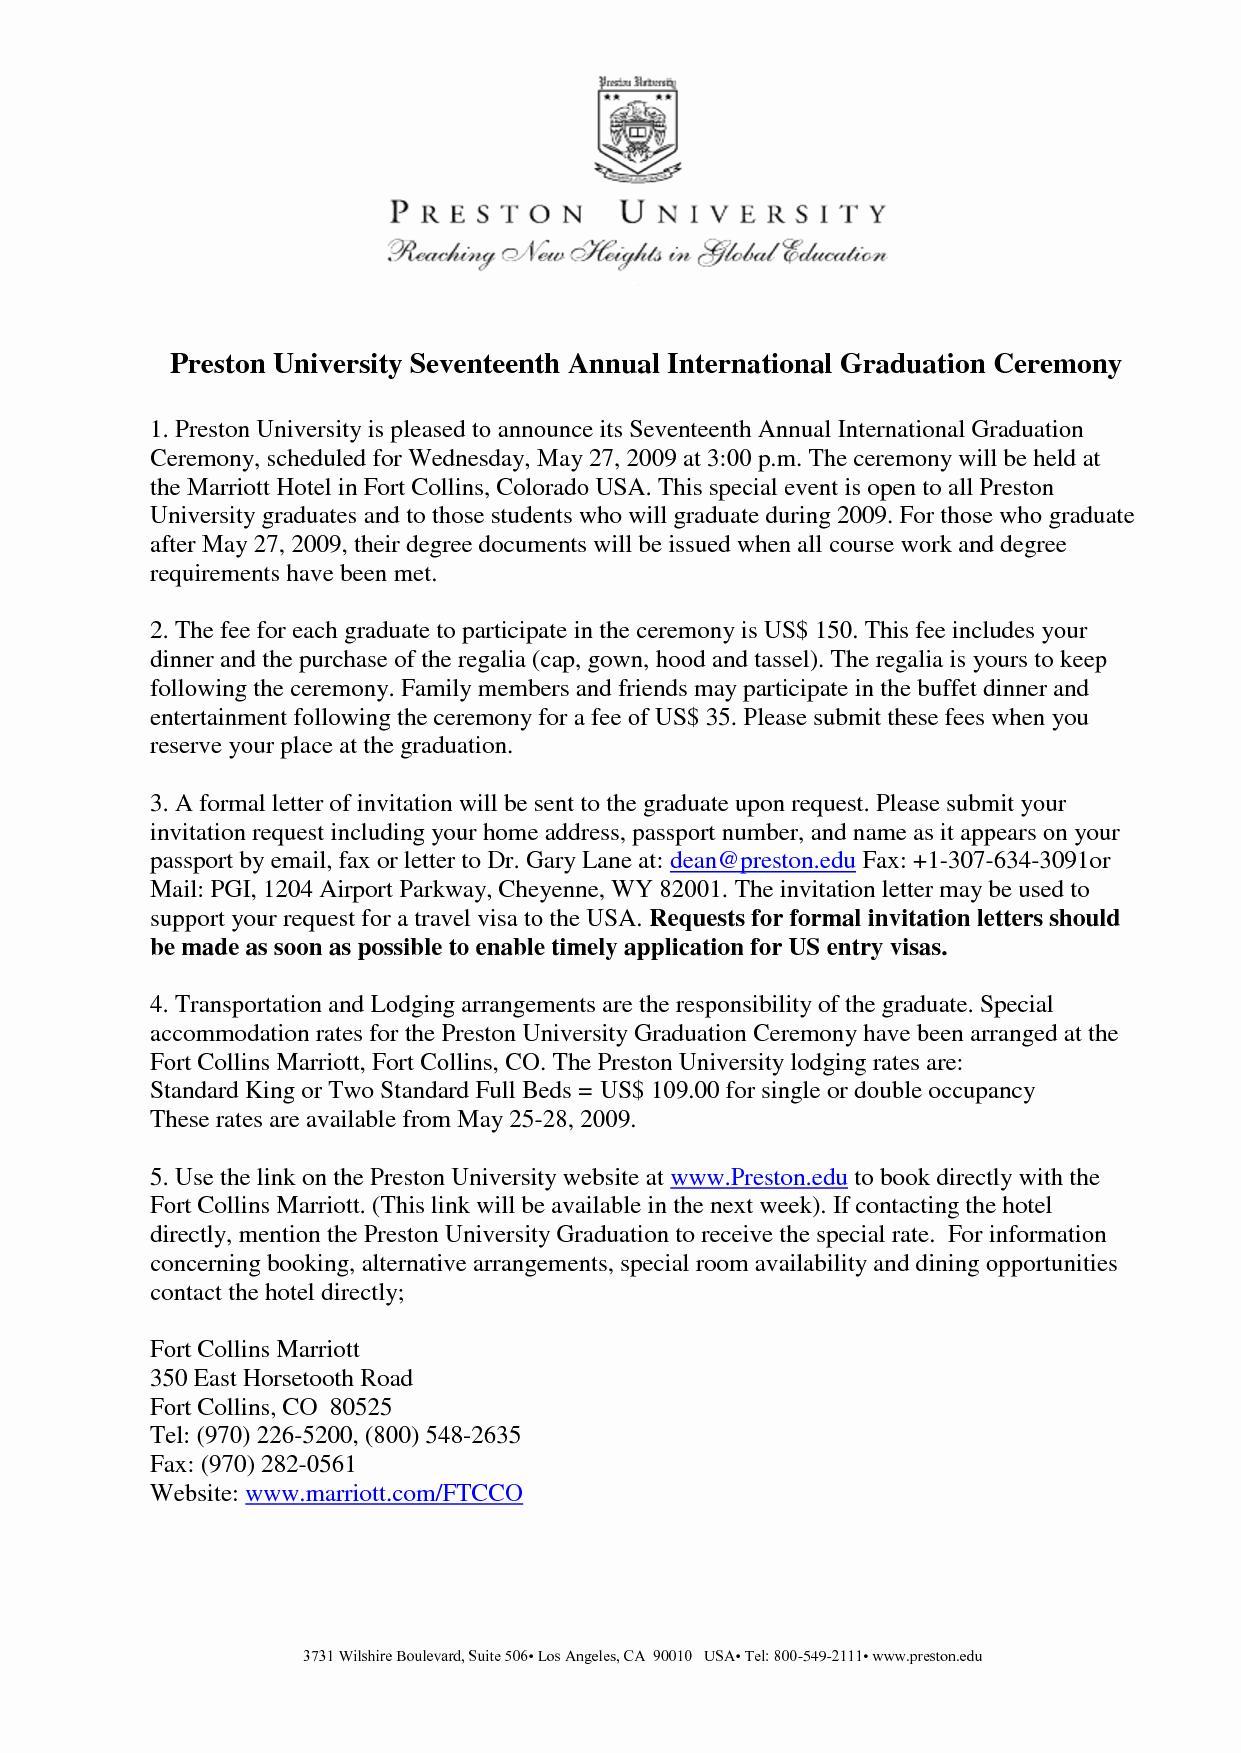 Sample Graduation Invitation Letter Luxury Graduation Invitation Examples